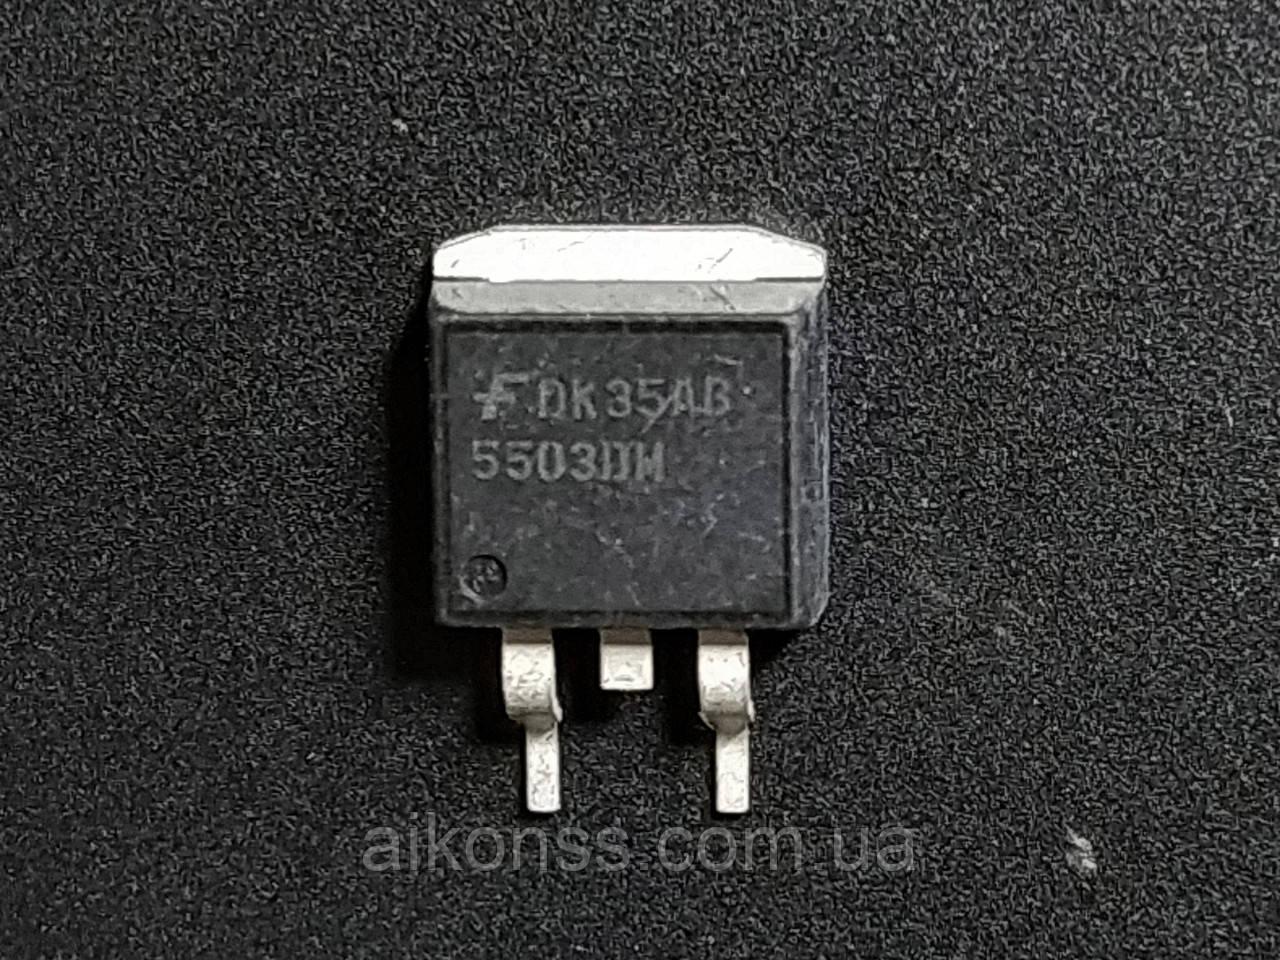 Транзистор мікросхема 5503DM корпус TO263 ключ котушок запалювання . Оригінал.